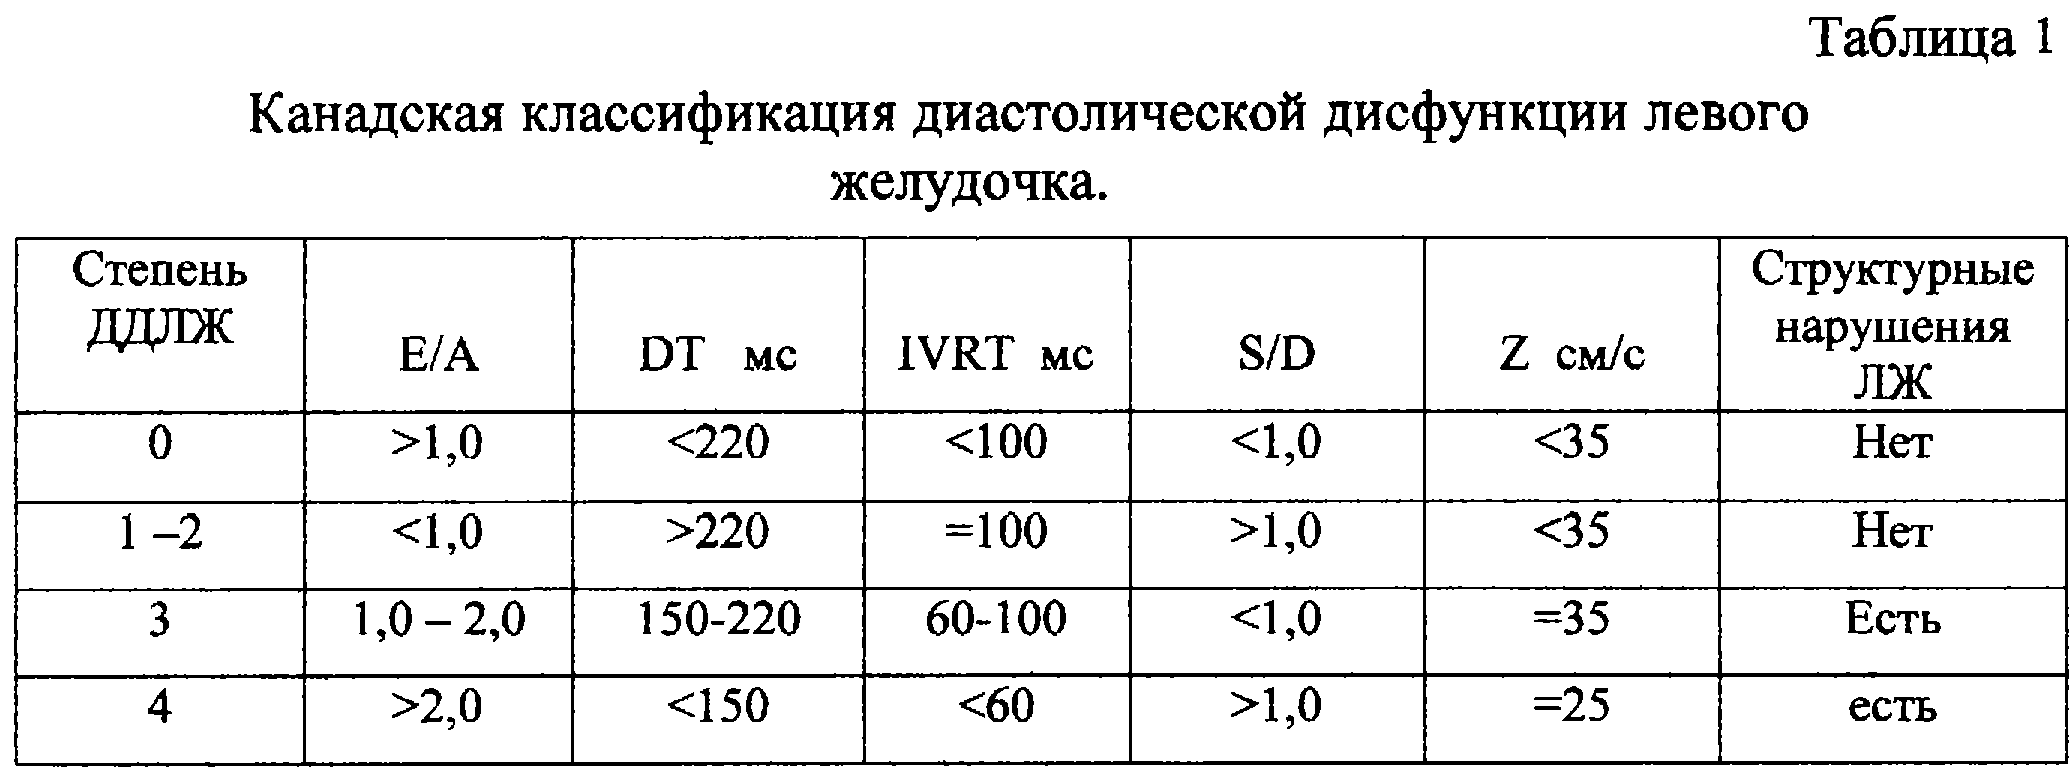 Диастолическая дисфункция левого желудочка 1 типа при пониженном давлении